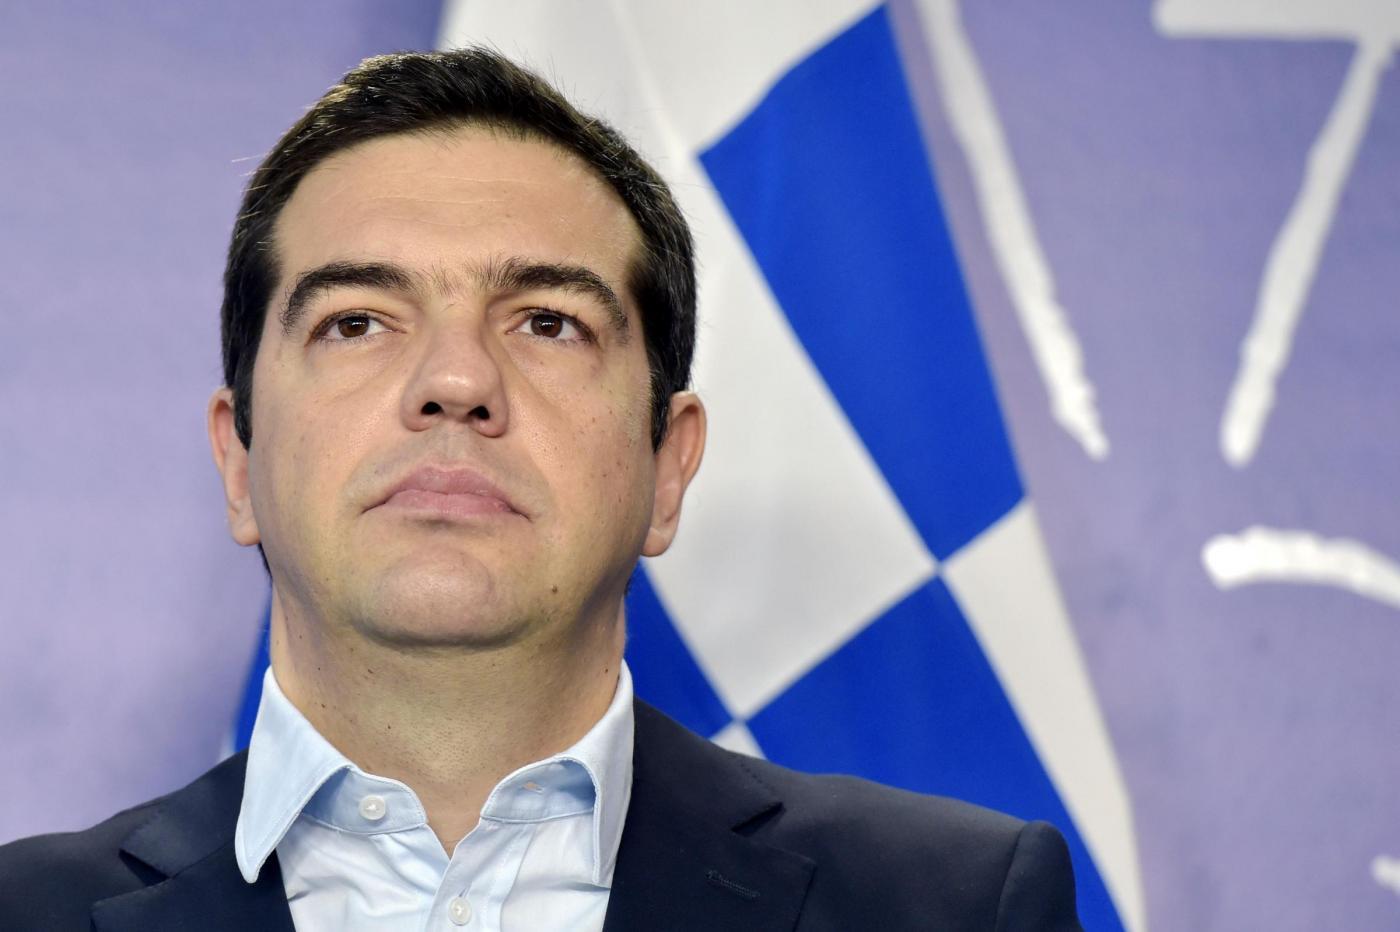 Accordo Grecia UE: Tsipras presenta il piano di riforme ai creditori